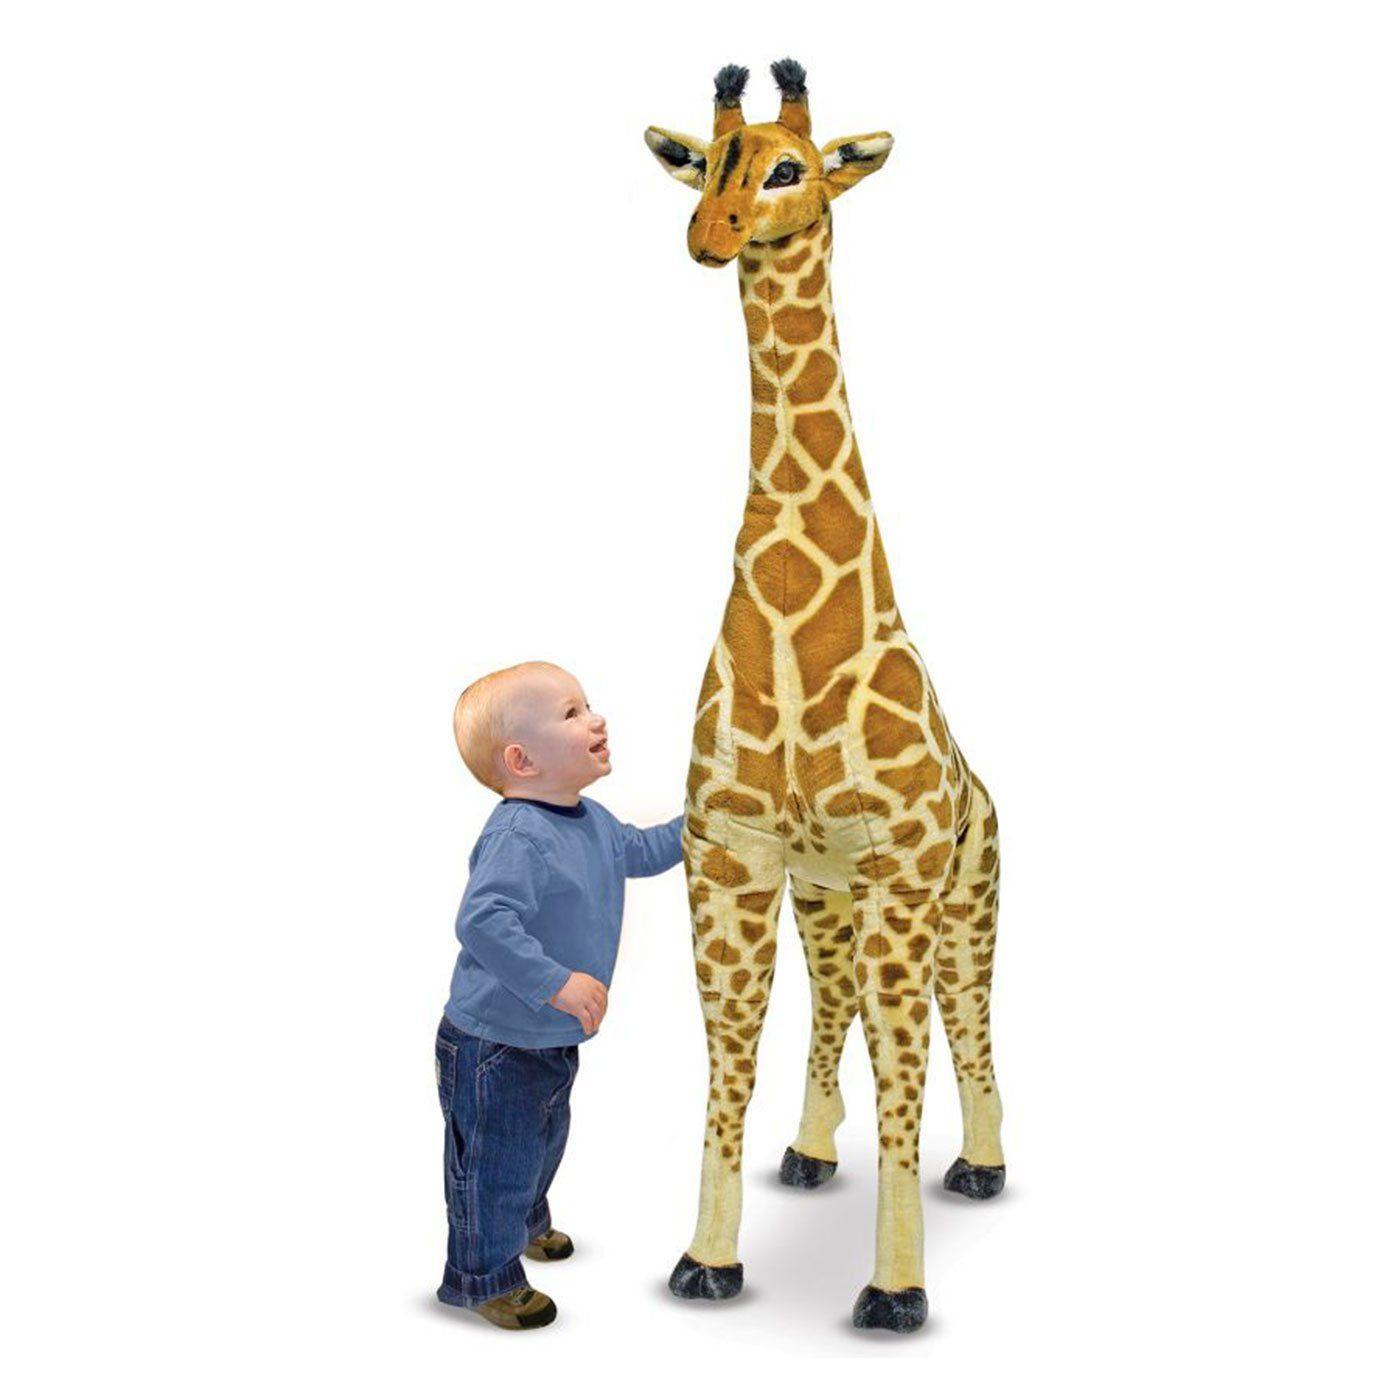 Giraffa peluche gigante di melissa doug un bel regalo for Immagini giraffa per bambini